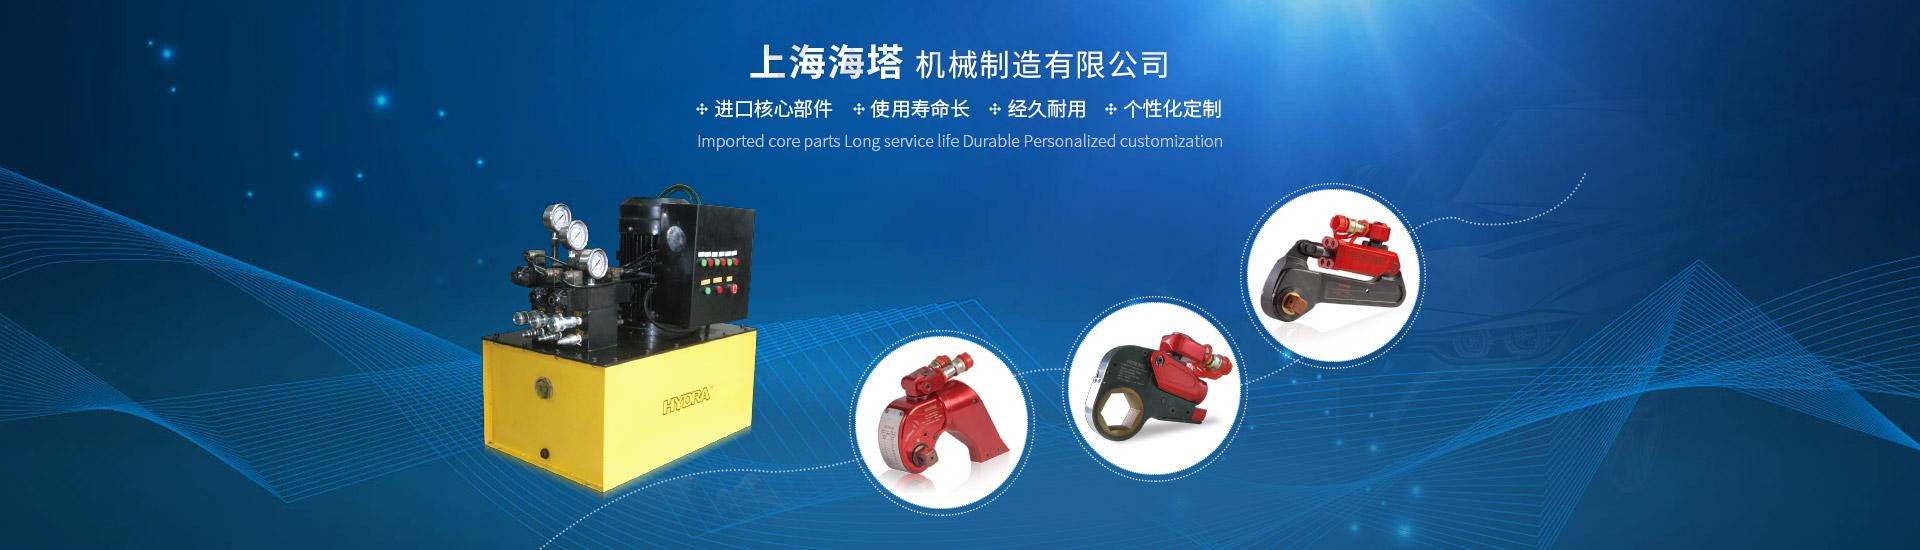 上海海塔机械制造ballbet贝博app下载ios公司介绍